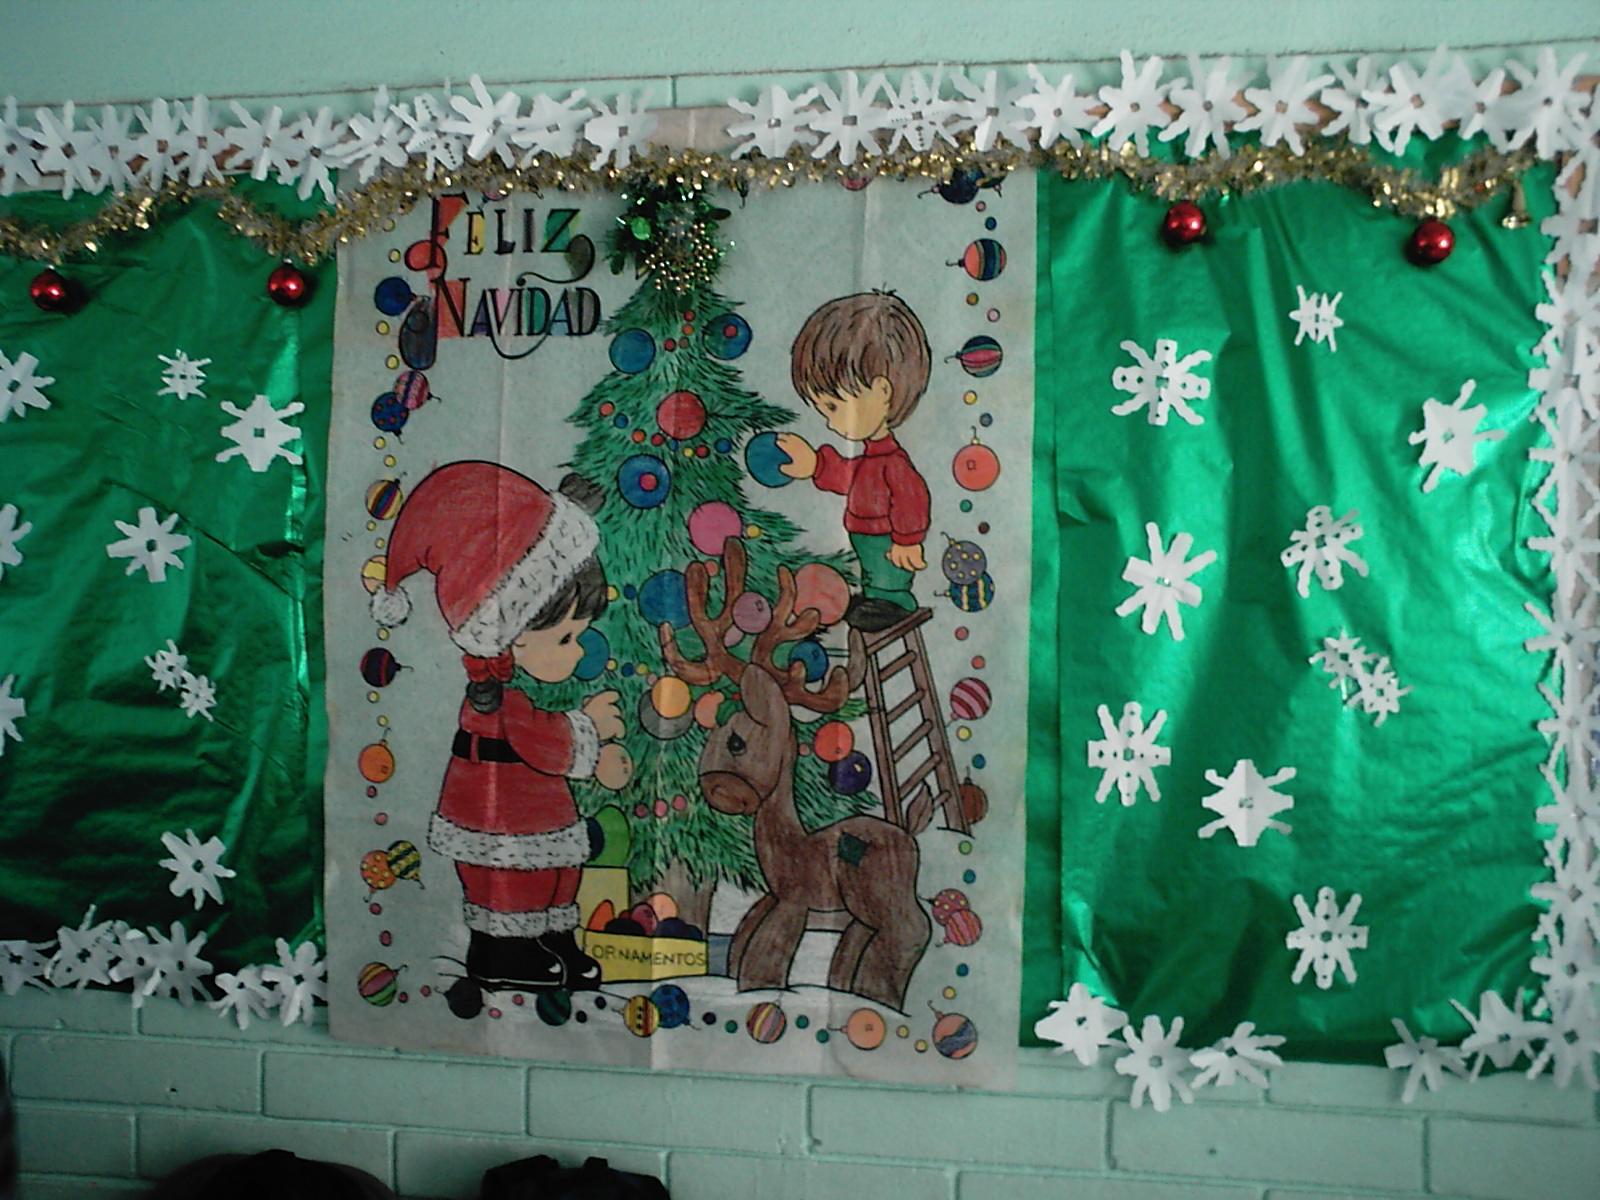 nos ha invadido por lo que hemos colocado nuestro friso navideno